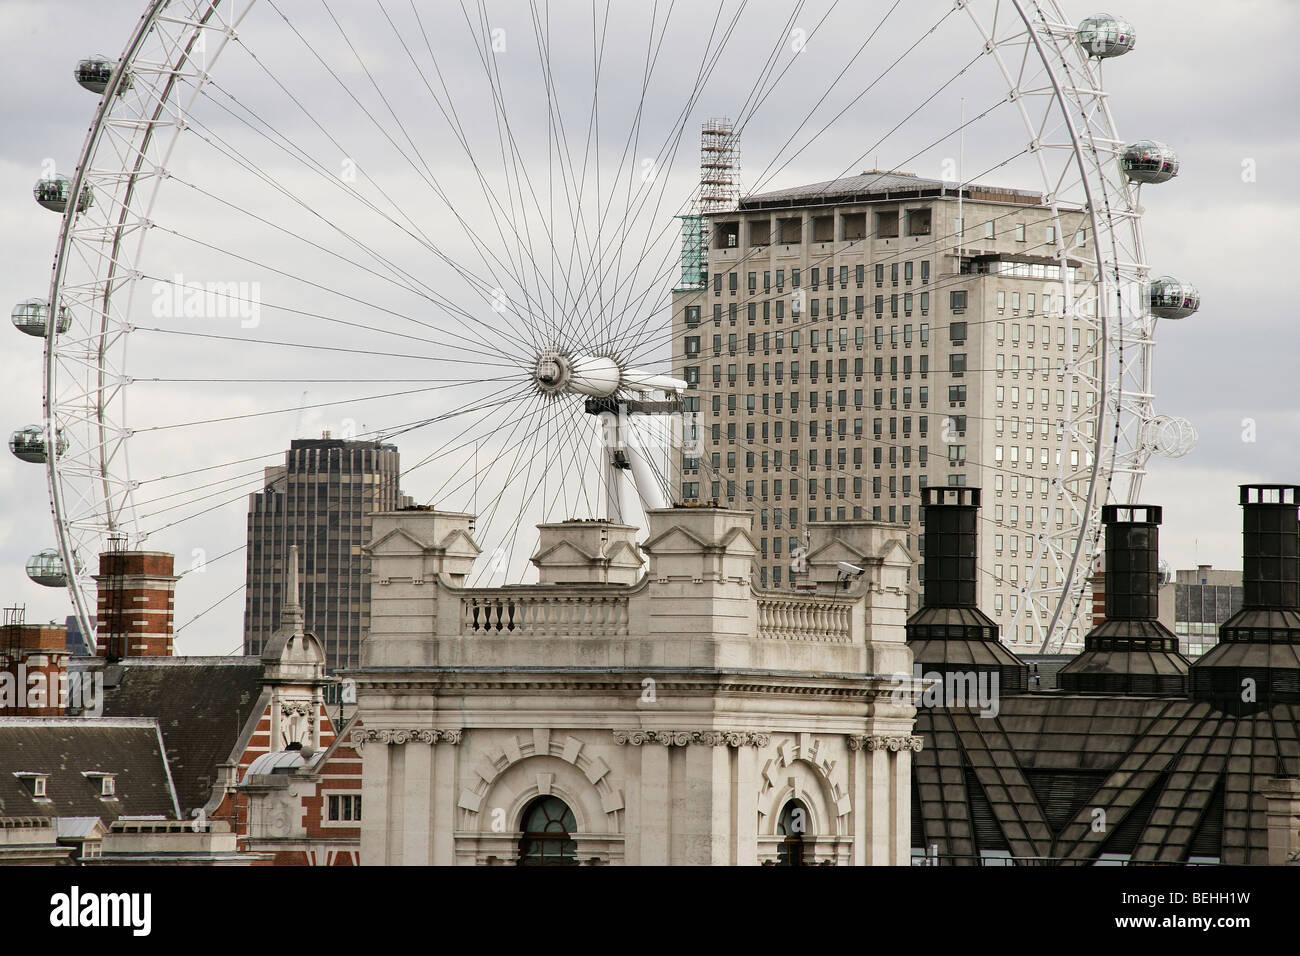 Terraza vistas de Londres, Inglaterra, Reino Unido teniendo en el London Eye, la rueda, el edificio shell y Portcullis House. Foto de stock